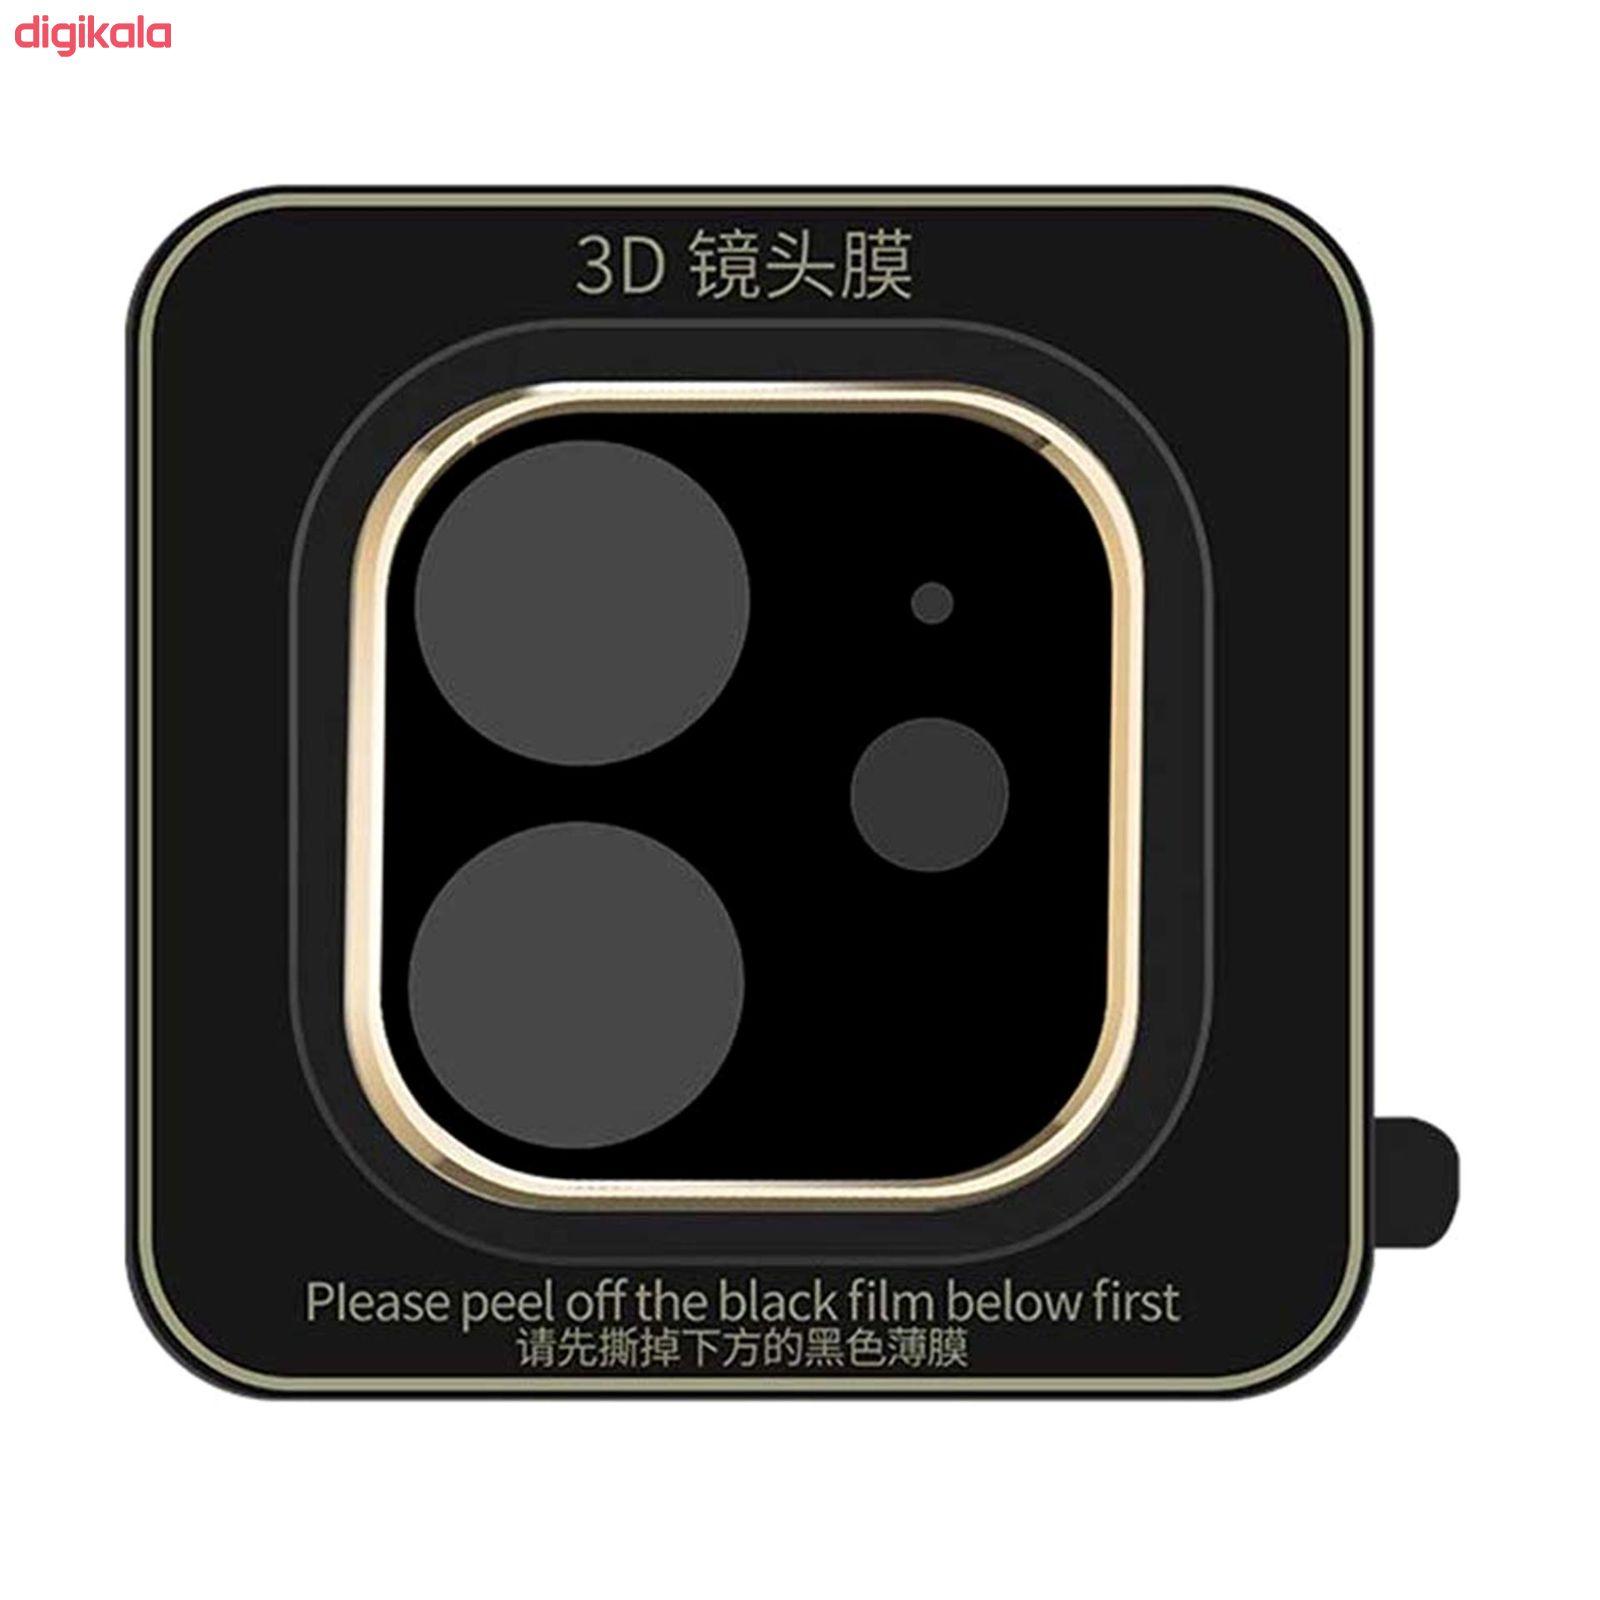 محافظ لنز دوربین راک مدل 3DSLP مناسب برای گوشی موبایل اپل iPhone 11 بسته دو عددی main 1 2